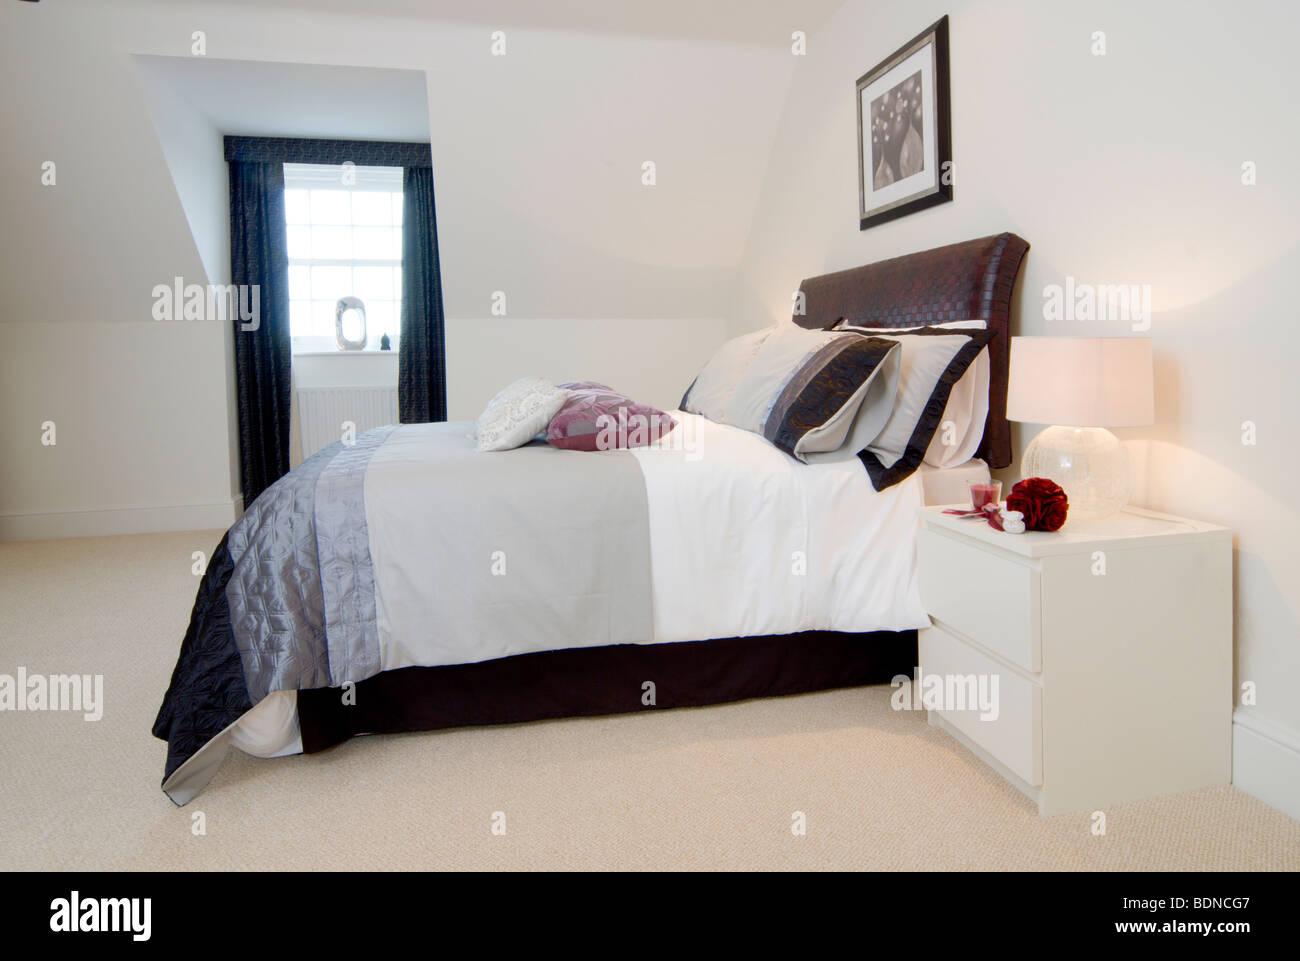 New Show Home Bedroom Stockfotos & New Show Home Bedroom Bilder - Alamy